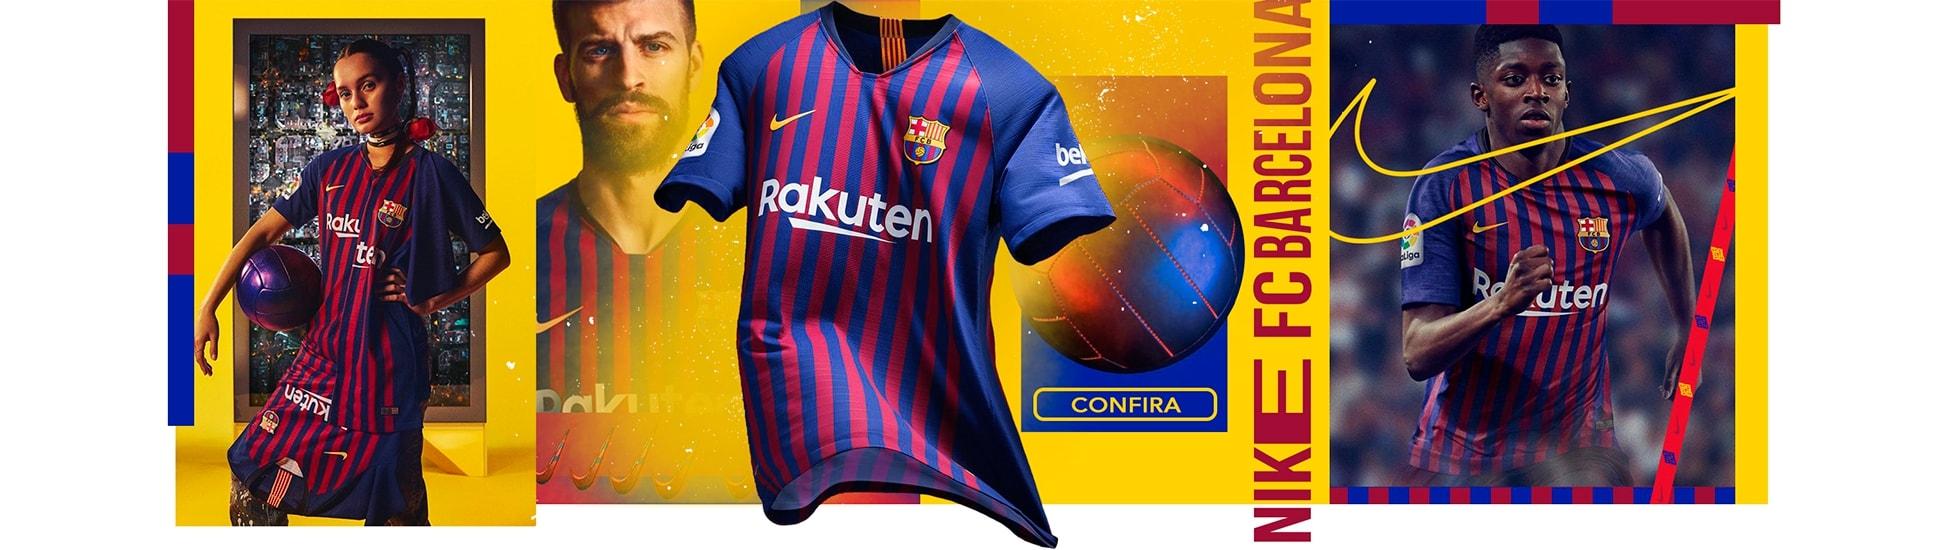 Banner Barcelona